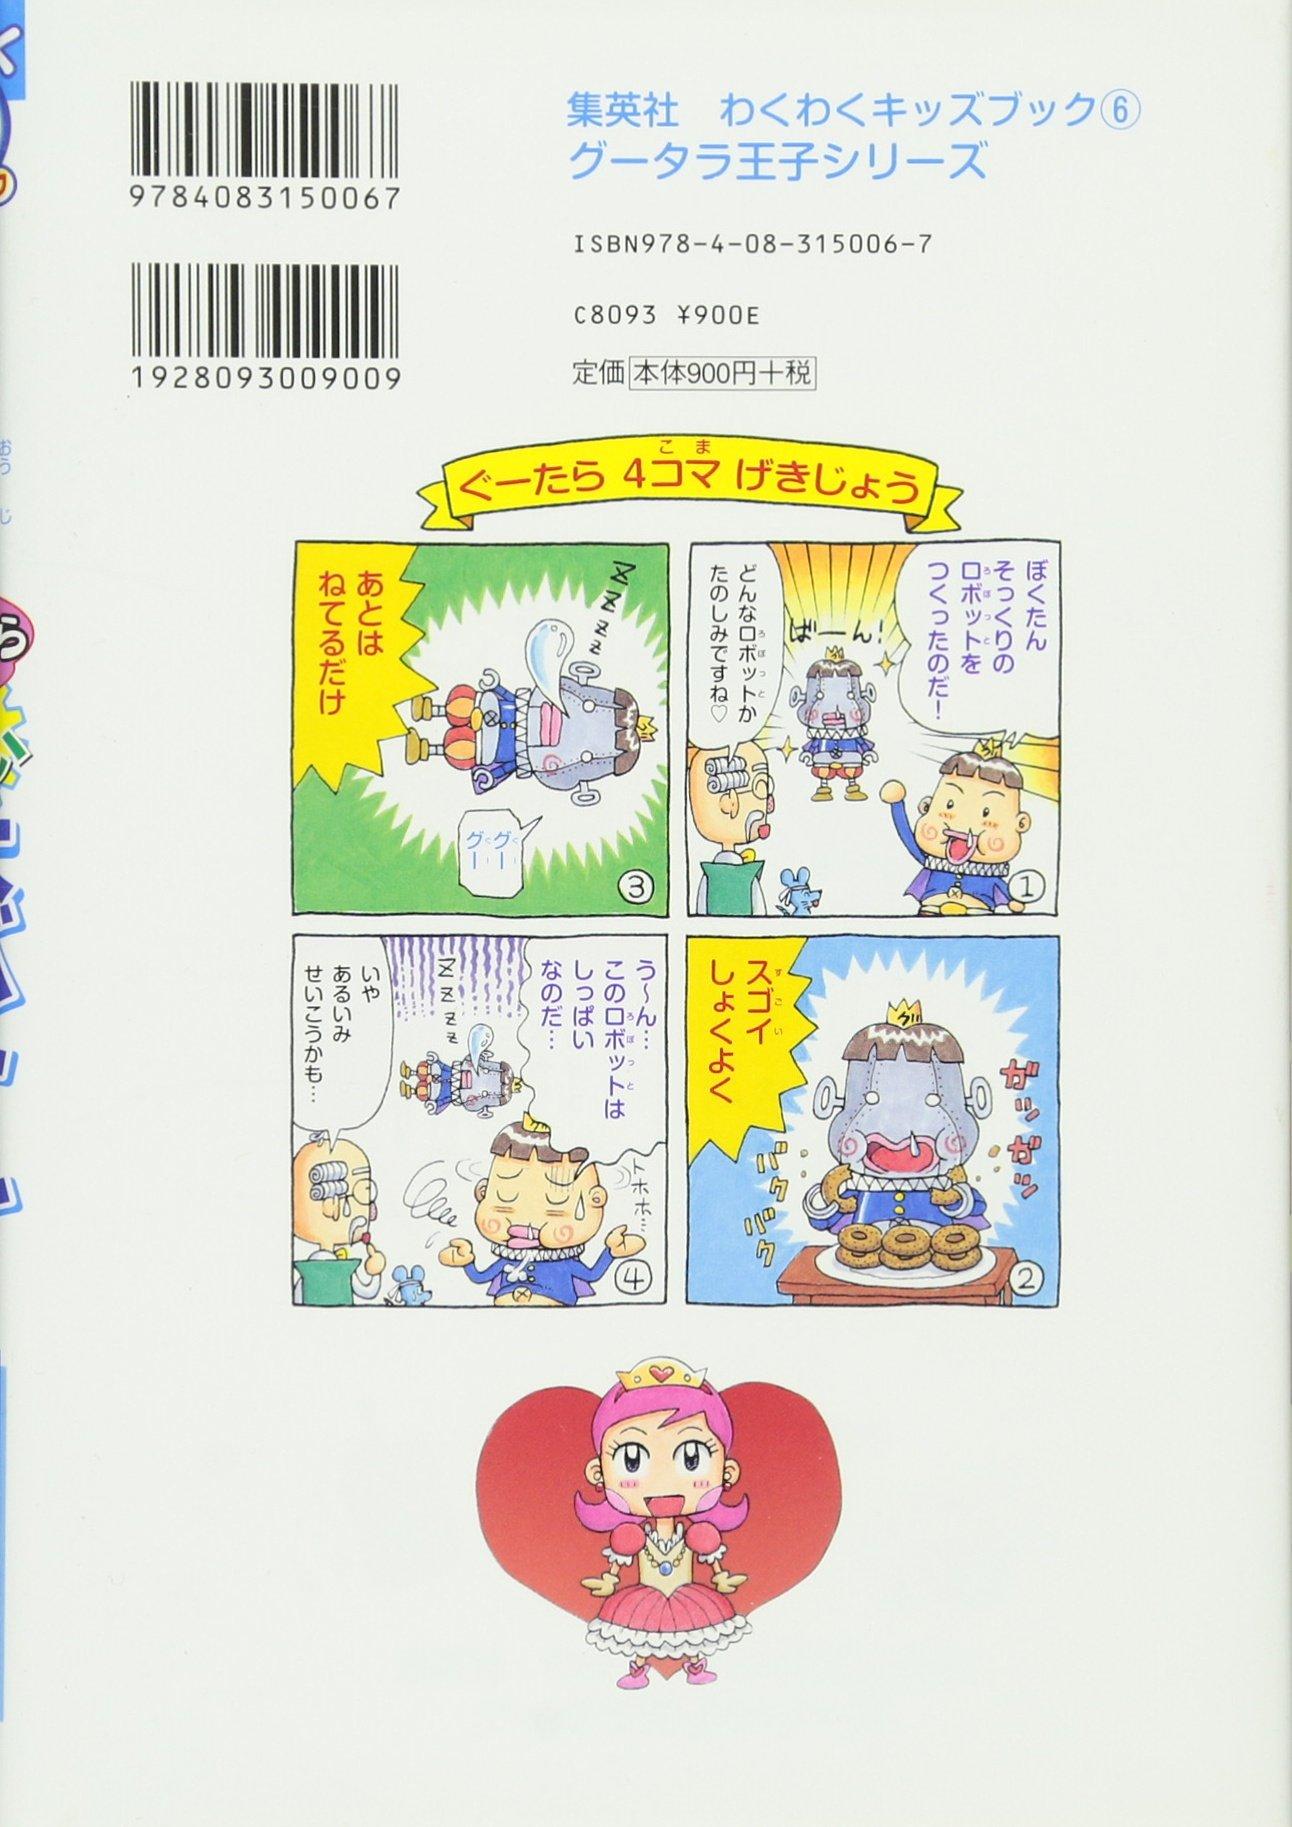 ぐーたら姫シリーズ